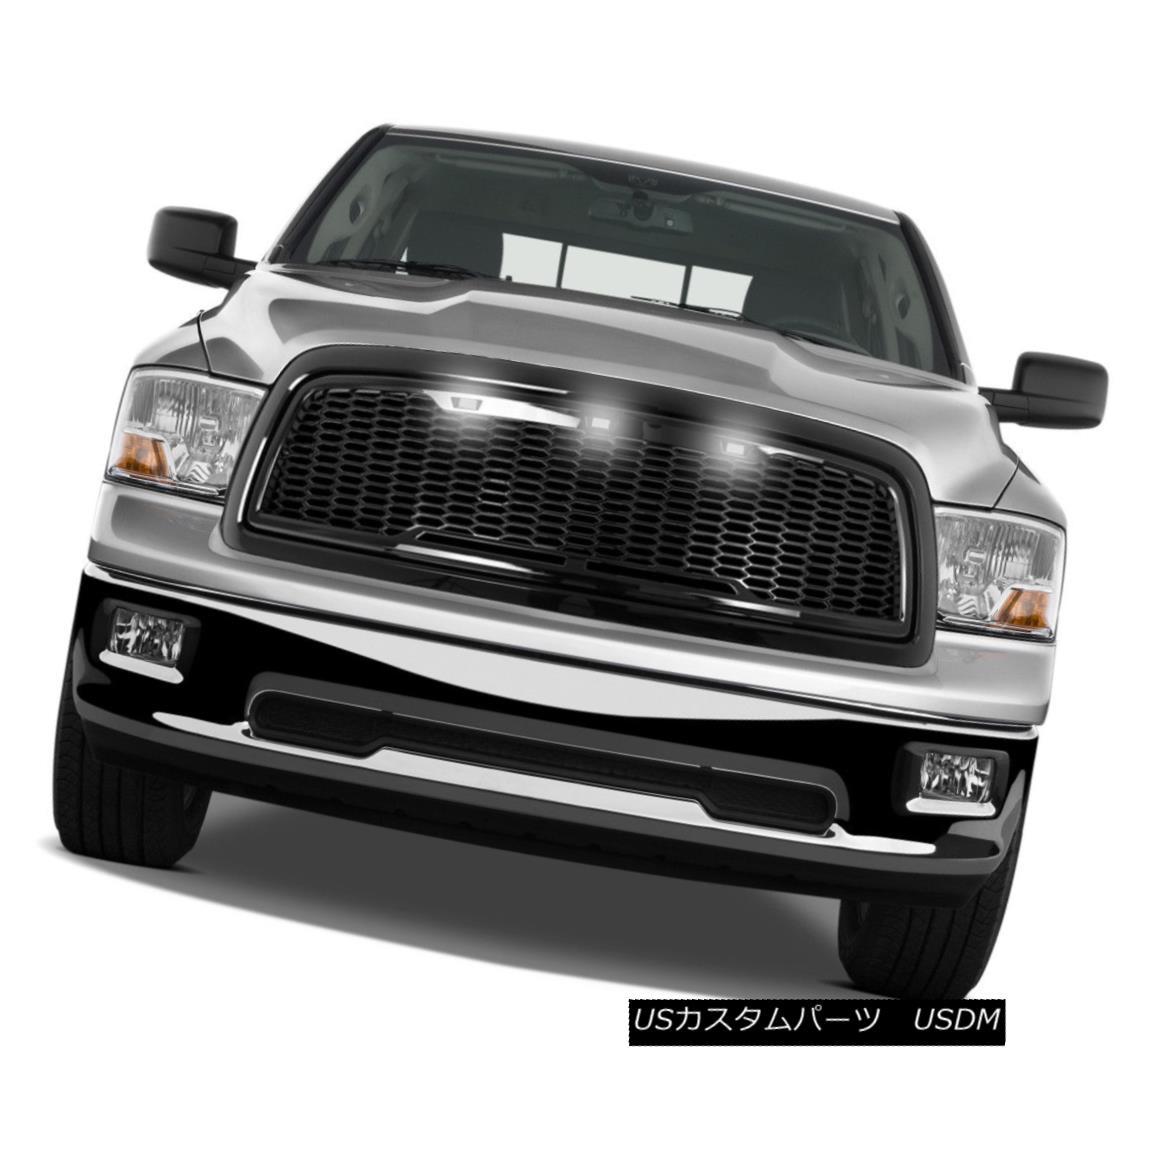 グリル 09-12 Dodge RAM Raptor Style Gloss Black Replacement Mesh Grille+Shell+White LED 09-12ダッジRAMラプタースタイルグロスブラック交換メッシュグリル+シェル+ W hite LED